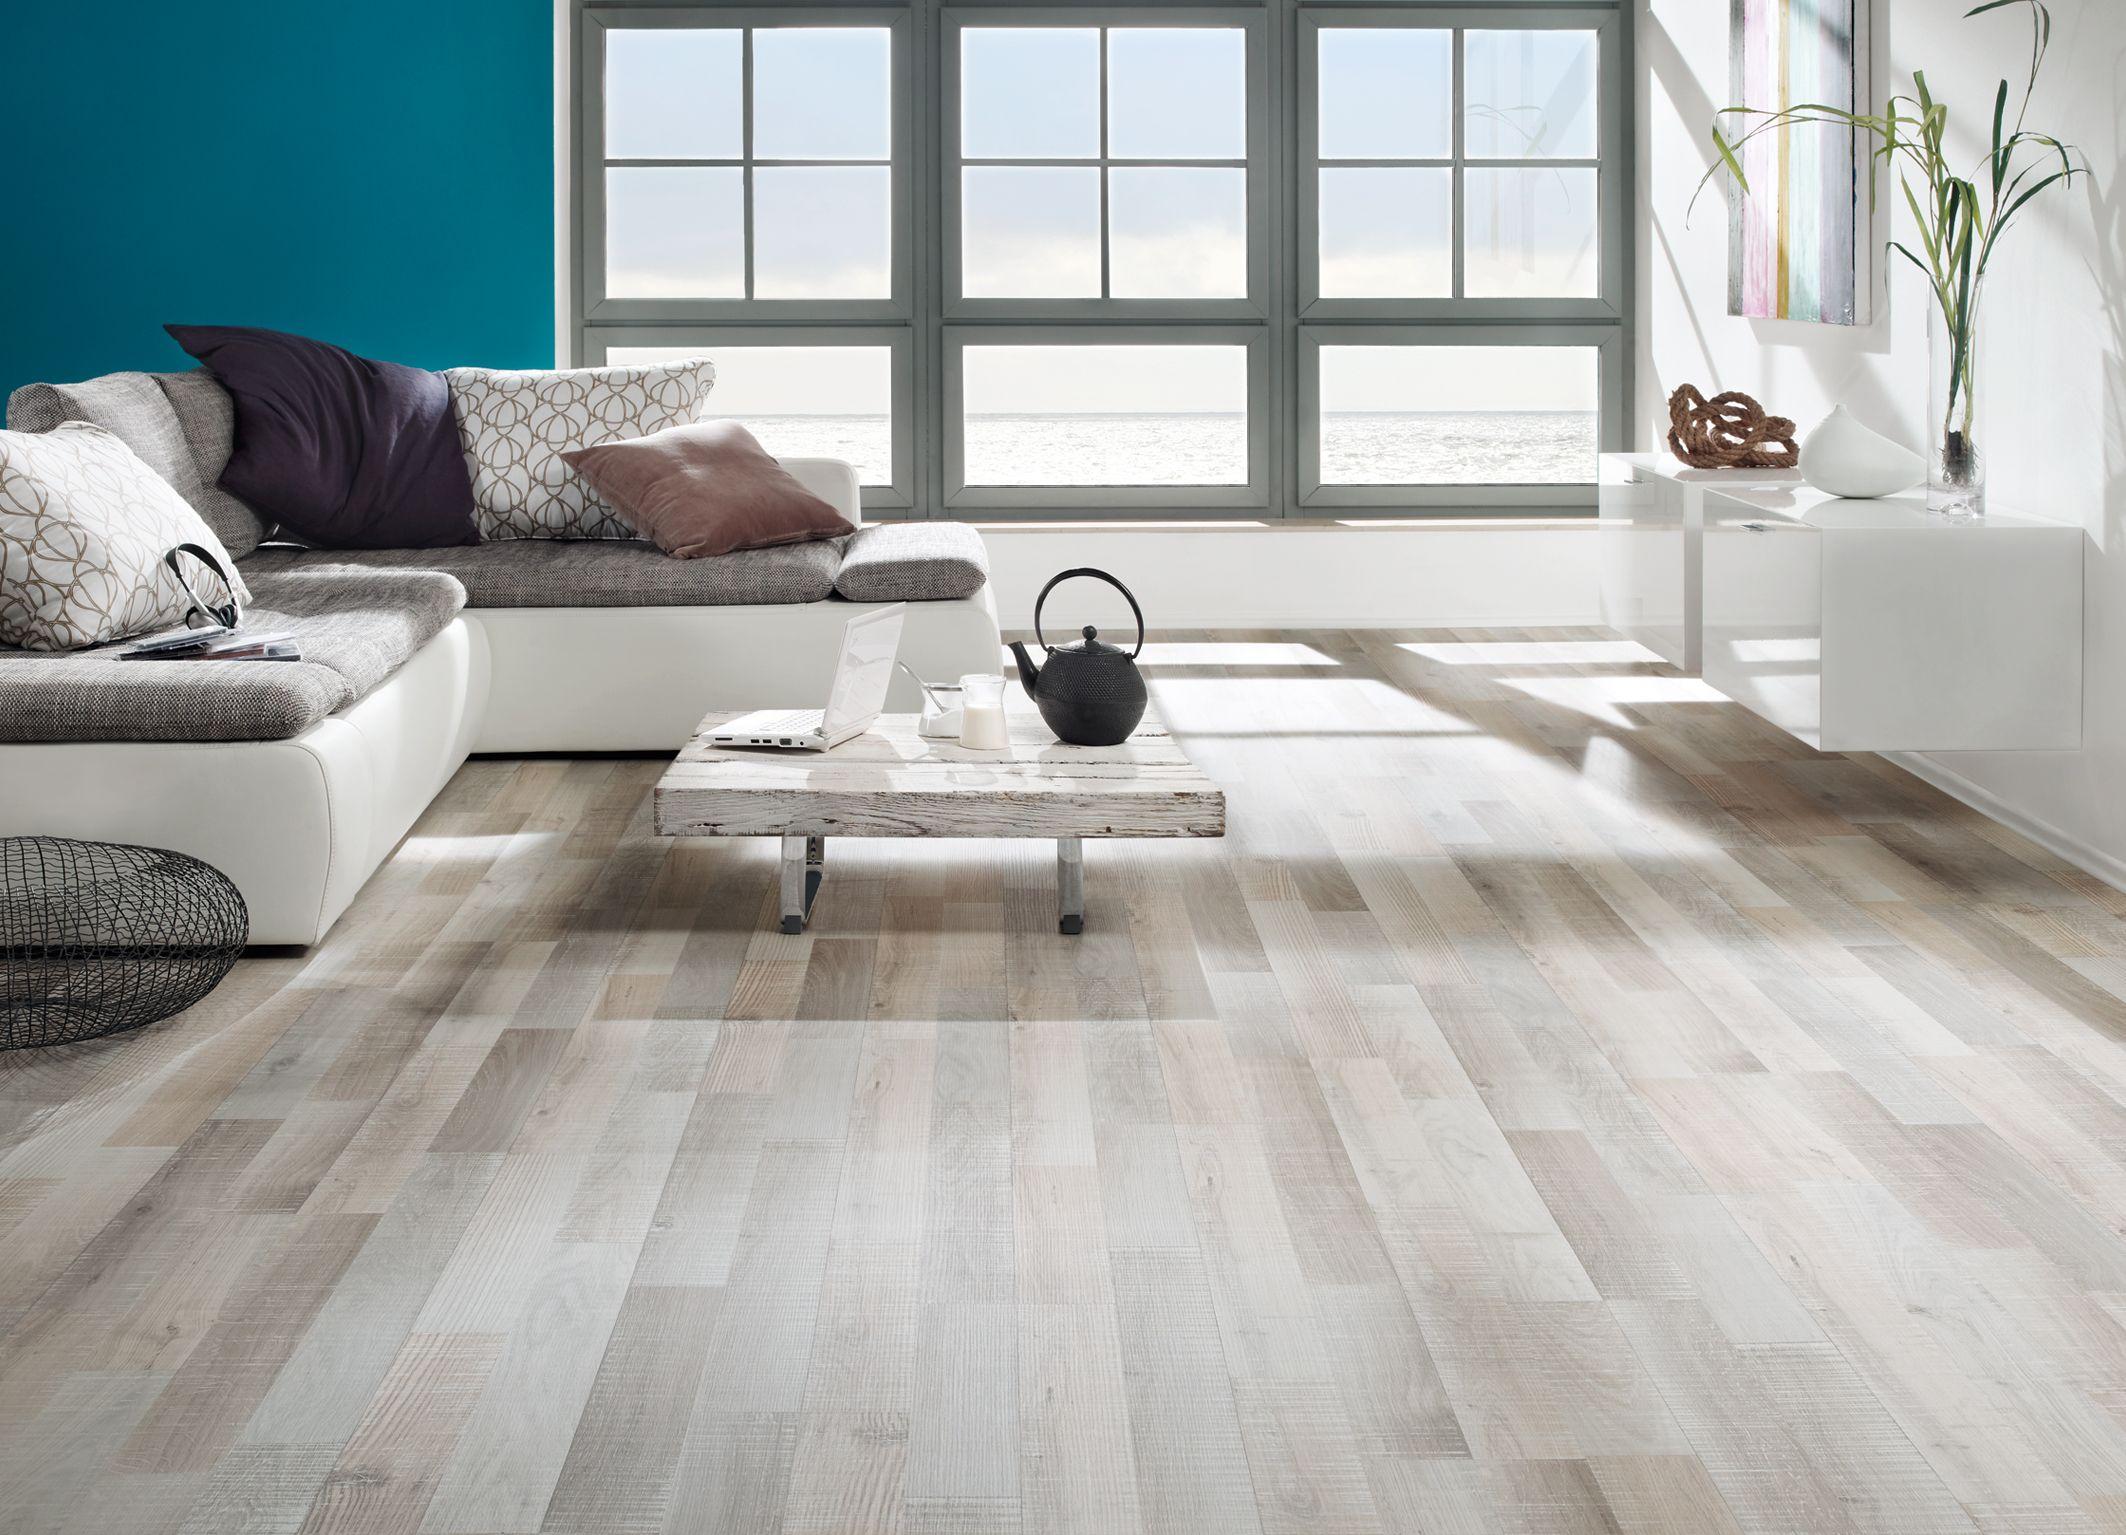 Laminaat Wit Eiken : Eiken ruw gezaagd grijs wit laminaat vloer vloeren